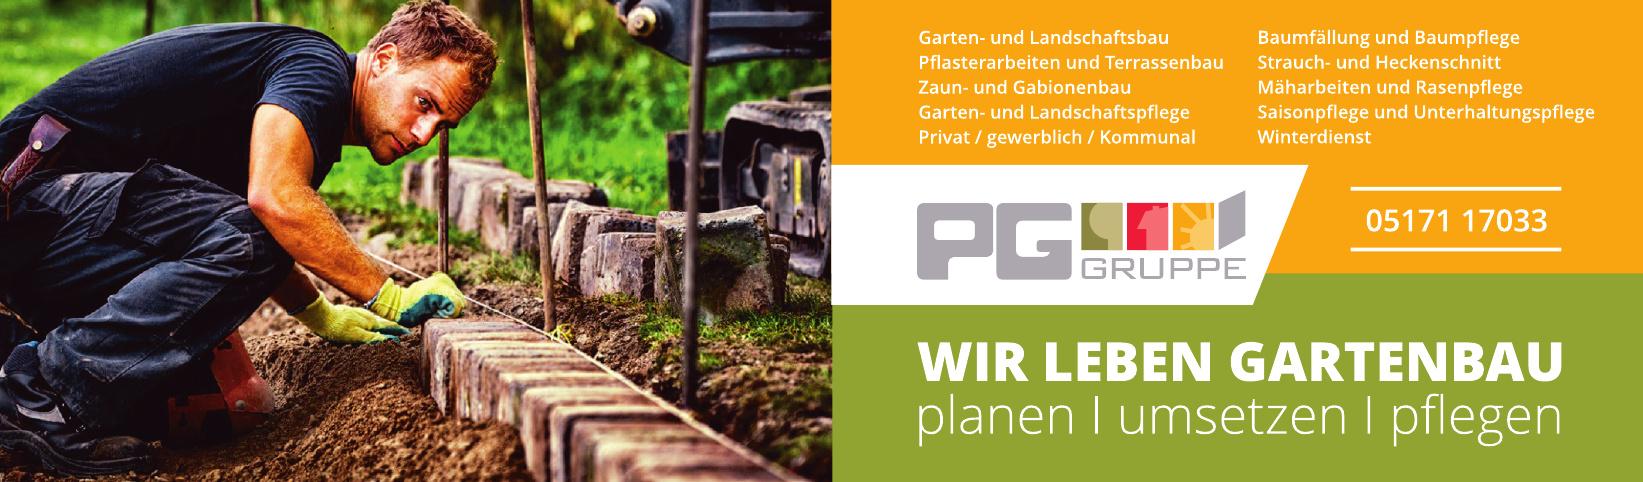 PG Gruppe